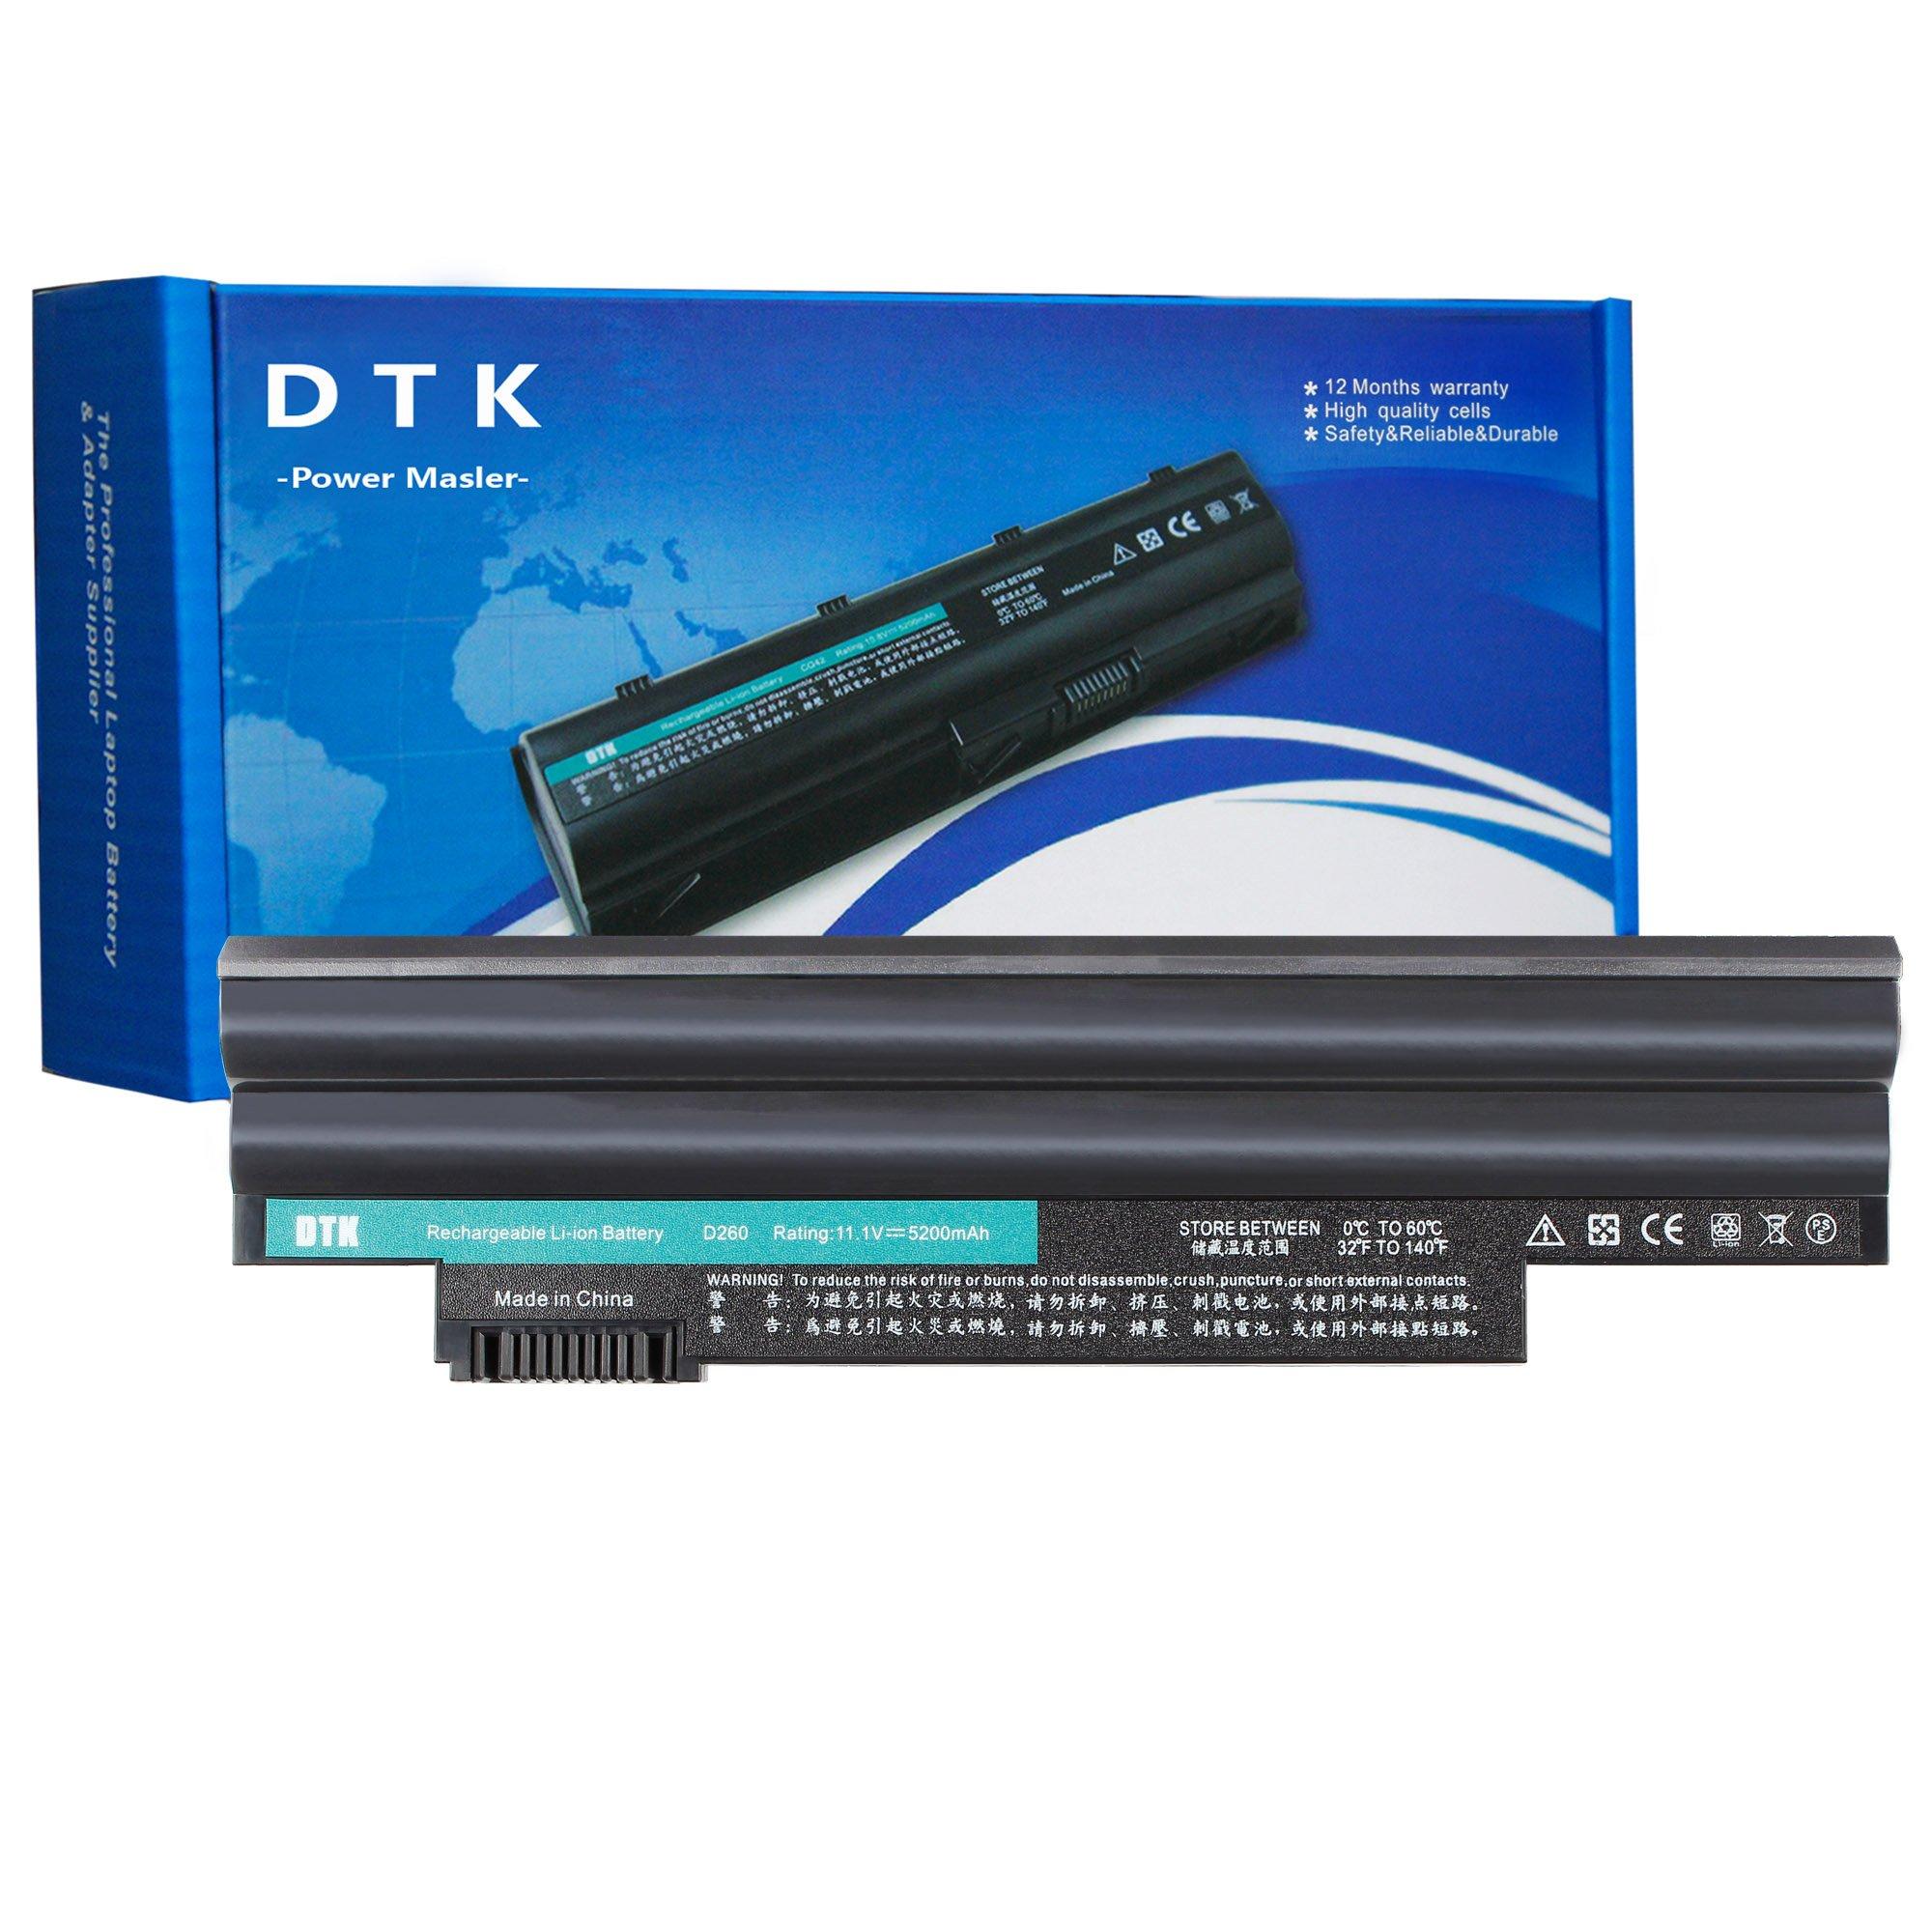 Dtk® Batería de Repuesto para Portátil Acer Aspire One D255 D257 D260 522 722 Netbook Battery AL10A31 AL10B31 AL10BW AL10G31 BT.00603.121 LC.